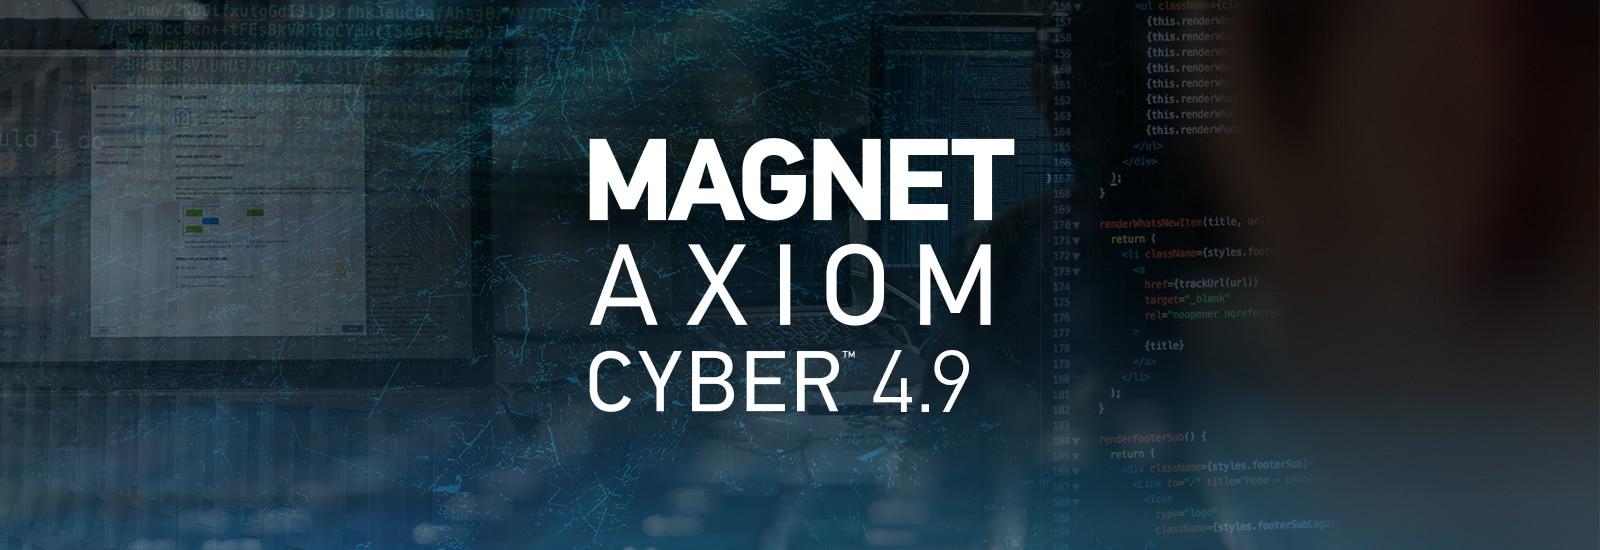 AXIOM Cyber 4.9